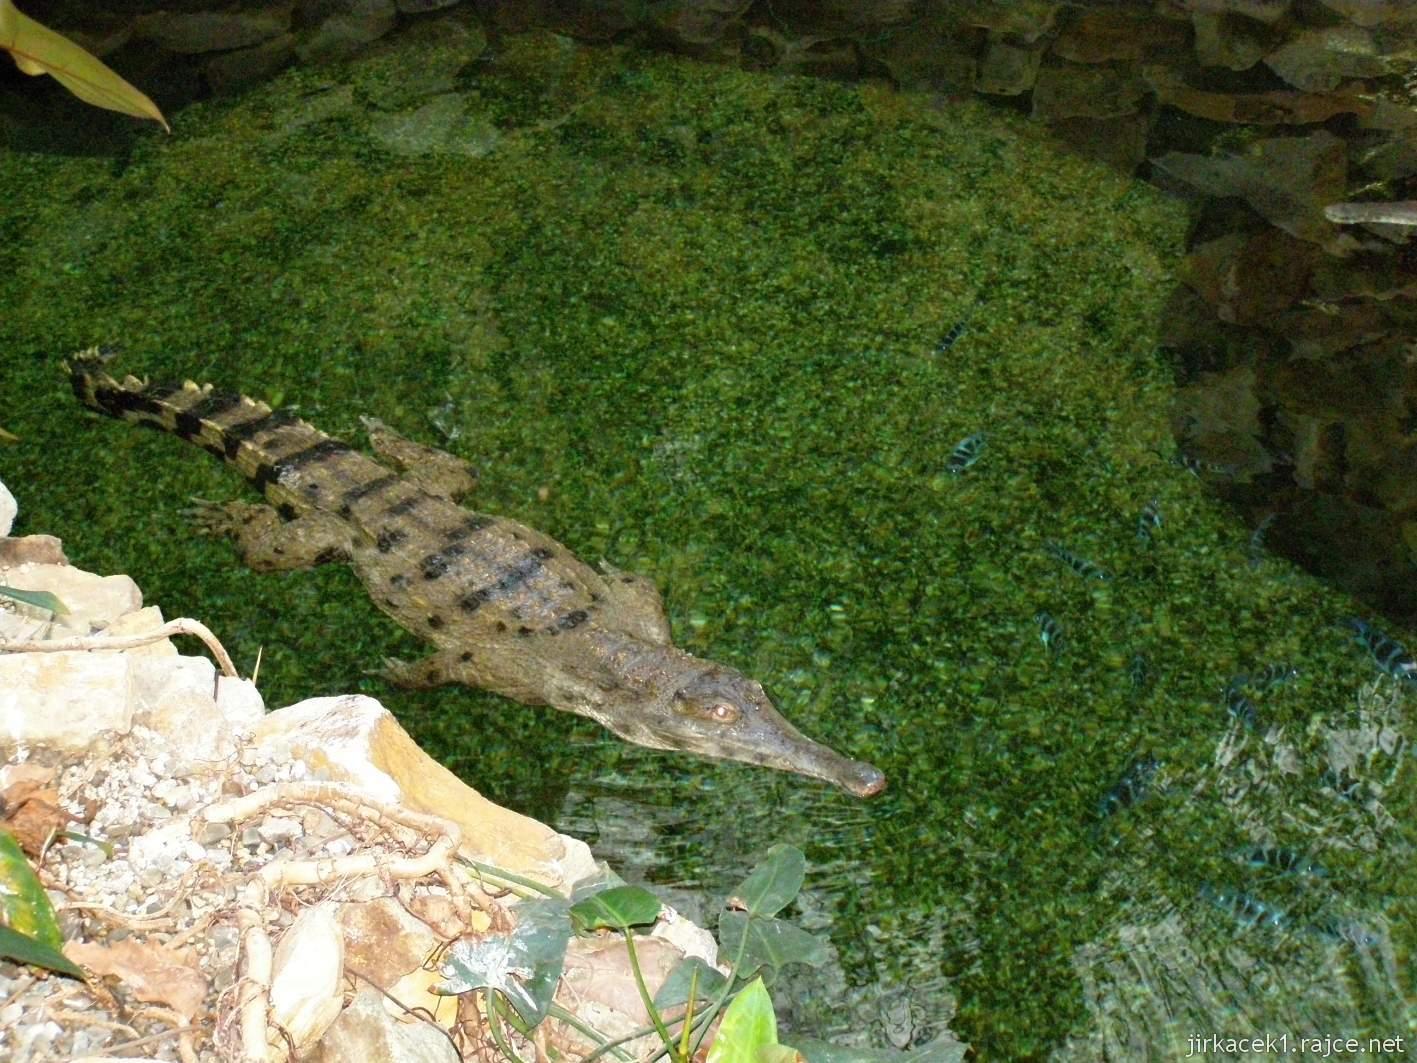 ZOO Ostrava 45 - pavilon Tanganika - krokodýl štítnatý